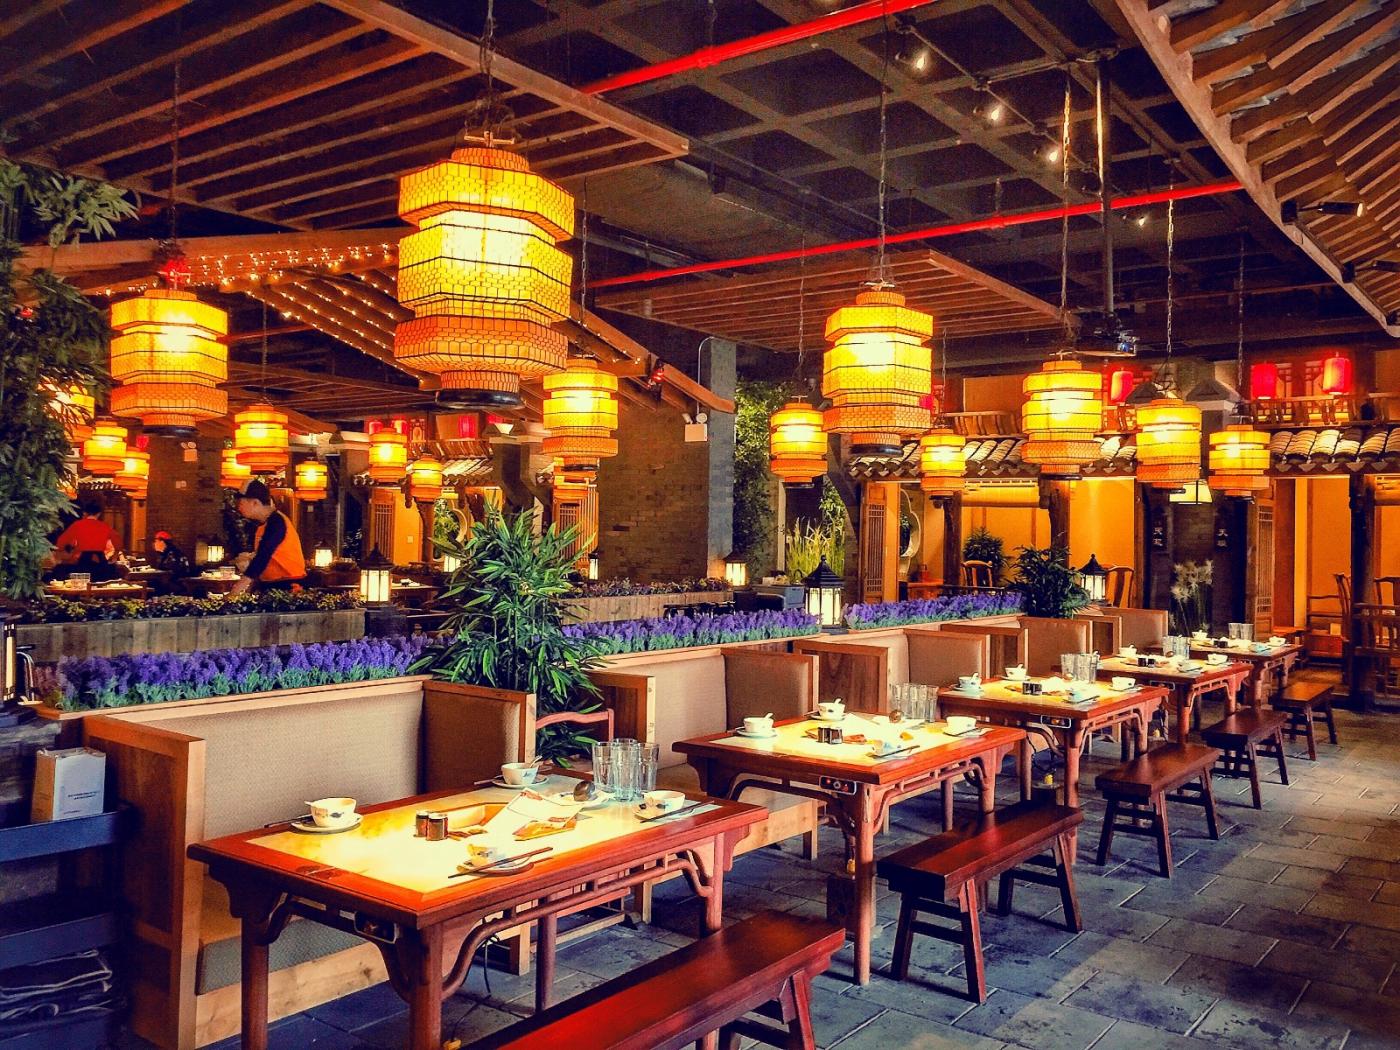 【盲流摄影】纽约法拉盛的中餐馆品味在提升-手机摄影_图1-24